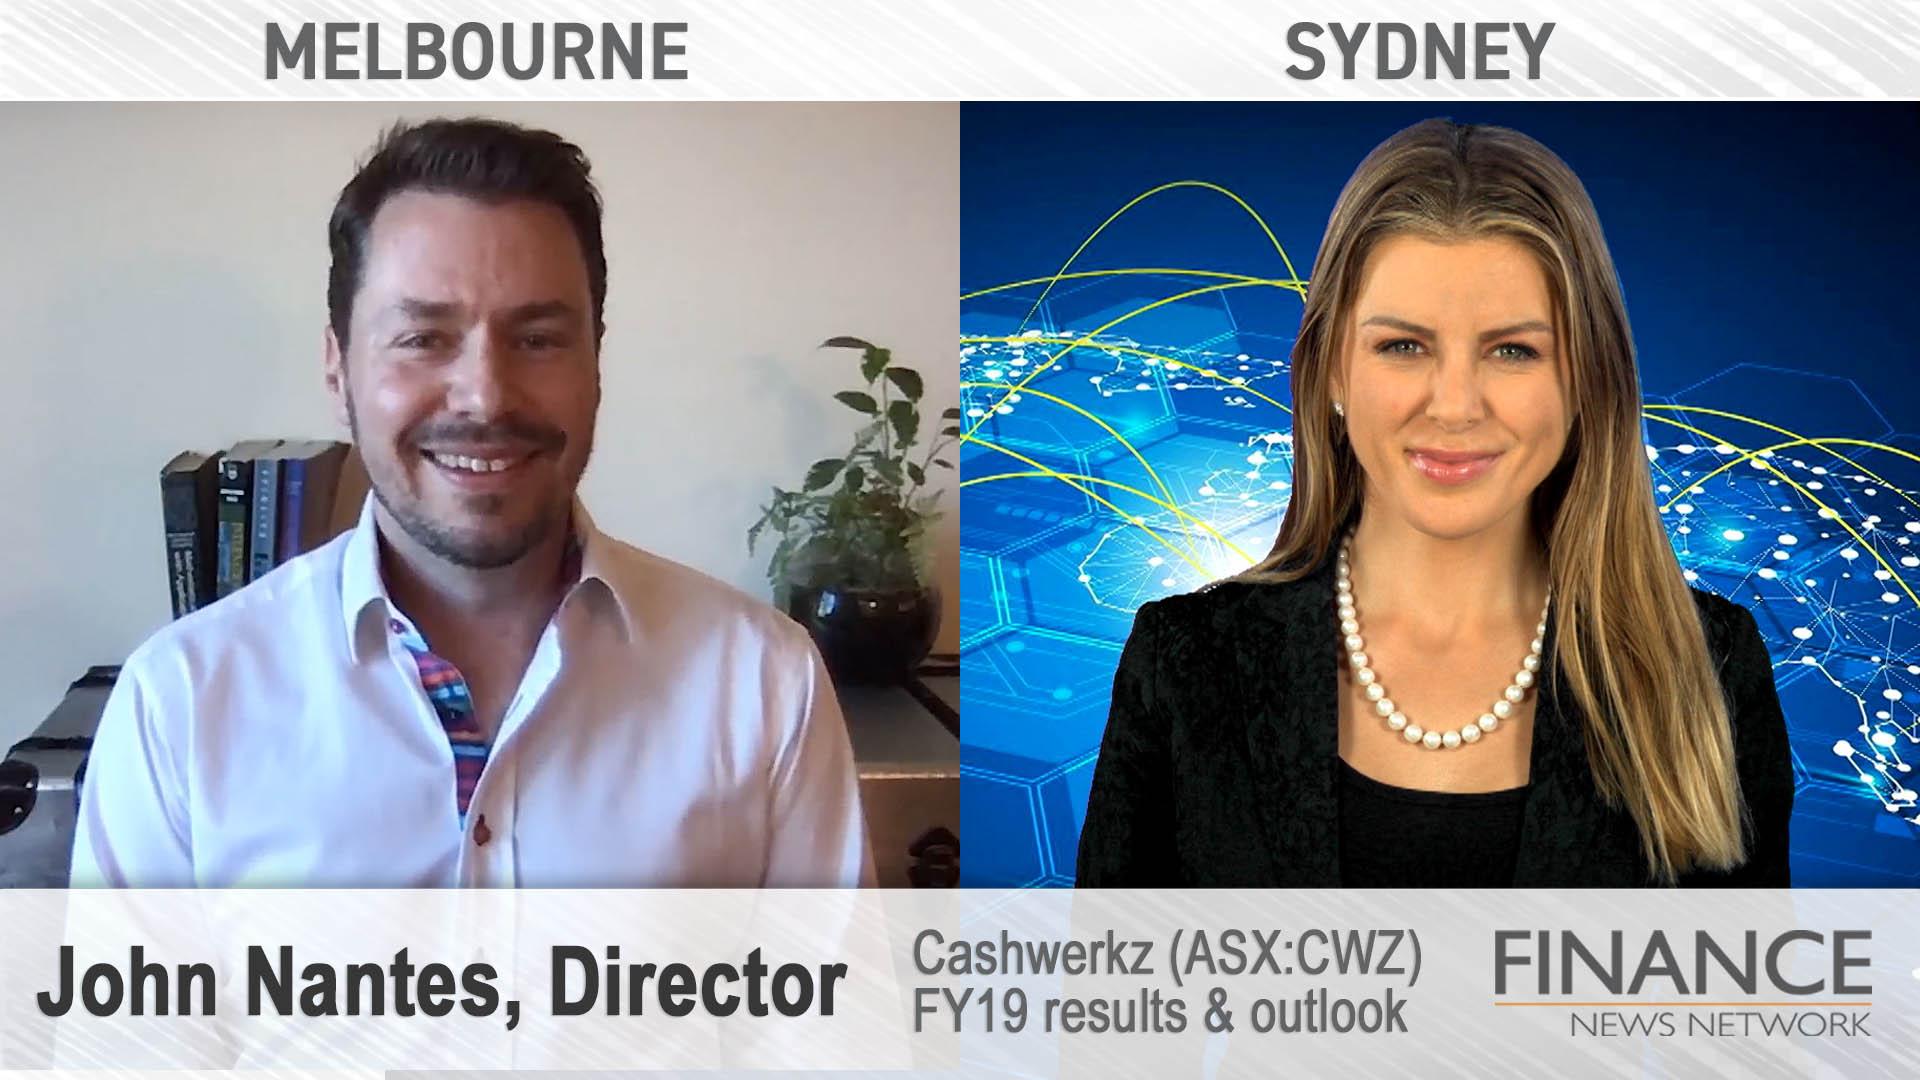 Cashwerkz (ASX:CWZ) FY19 results & outlook